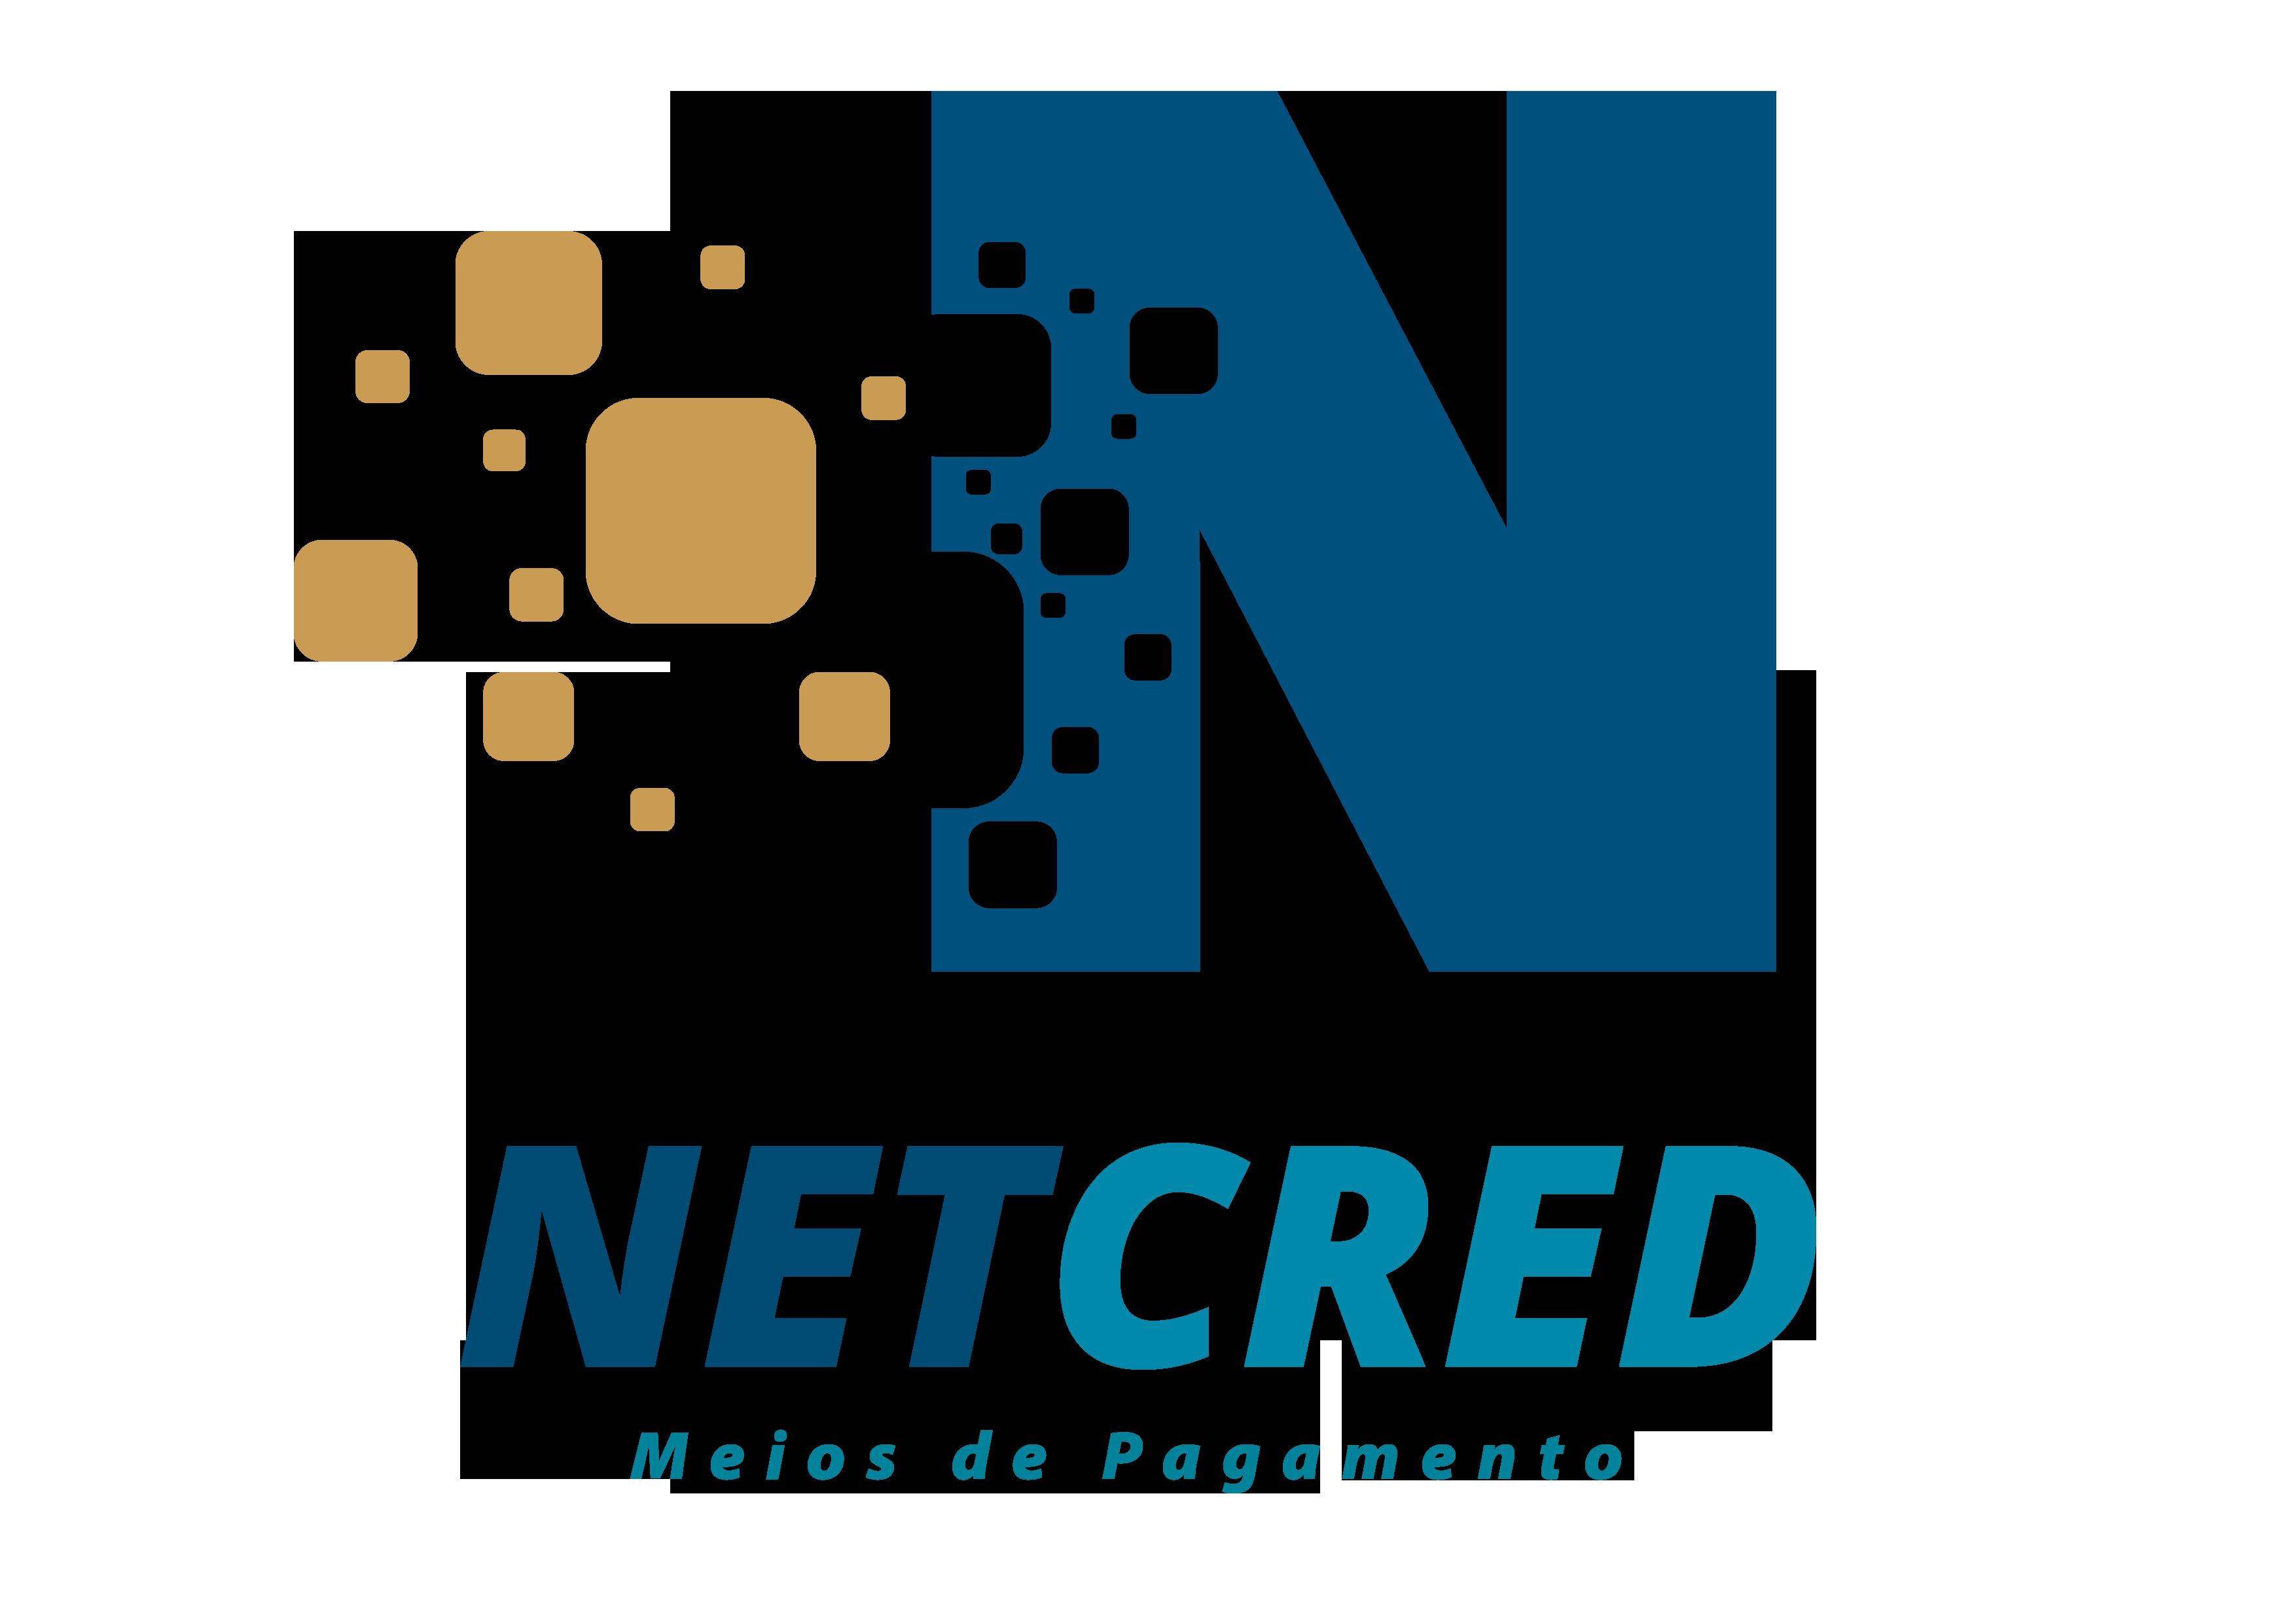 Netcred Meios de Pagamento